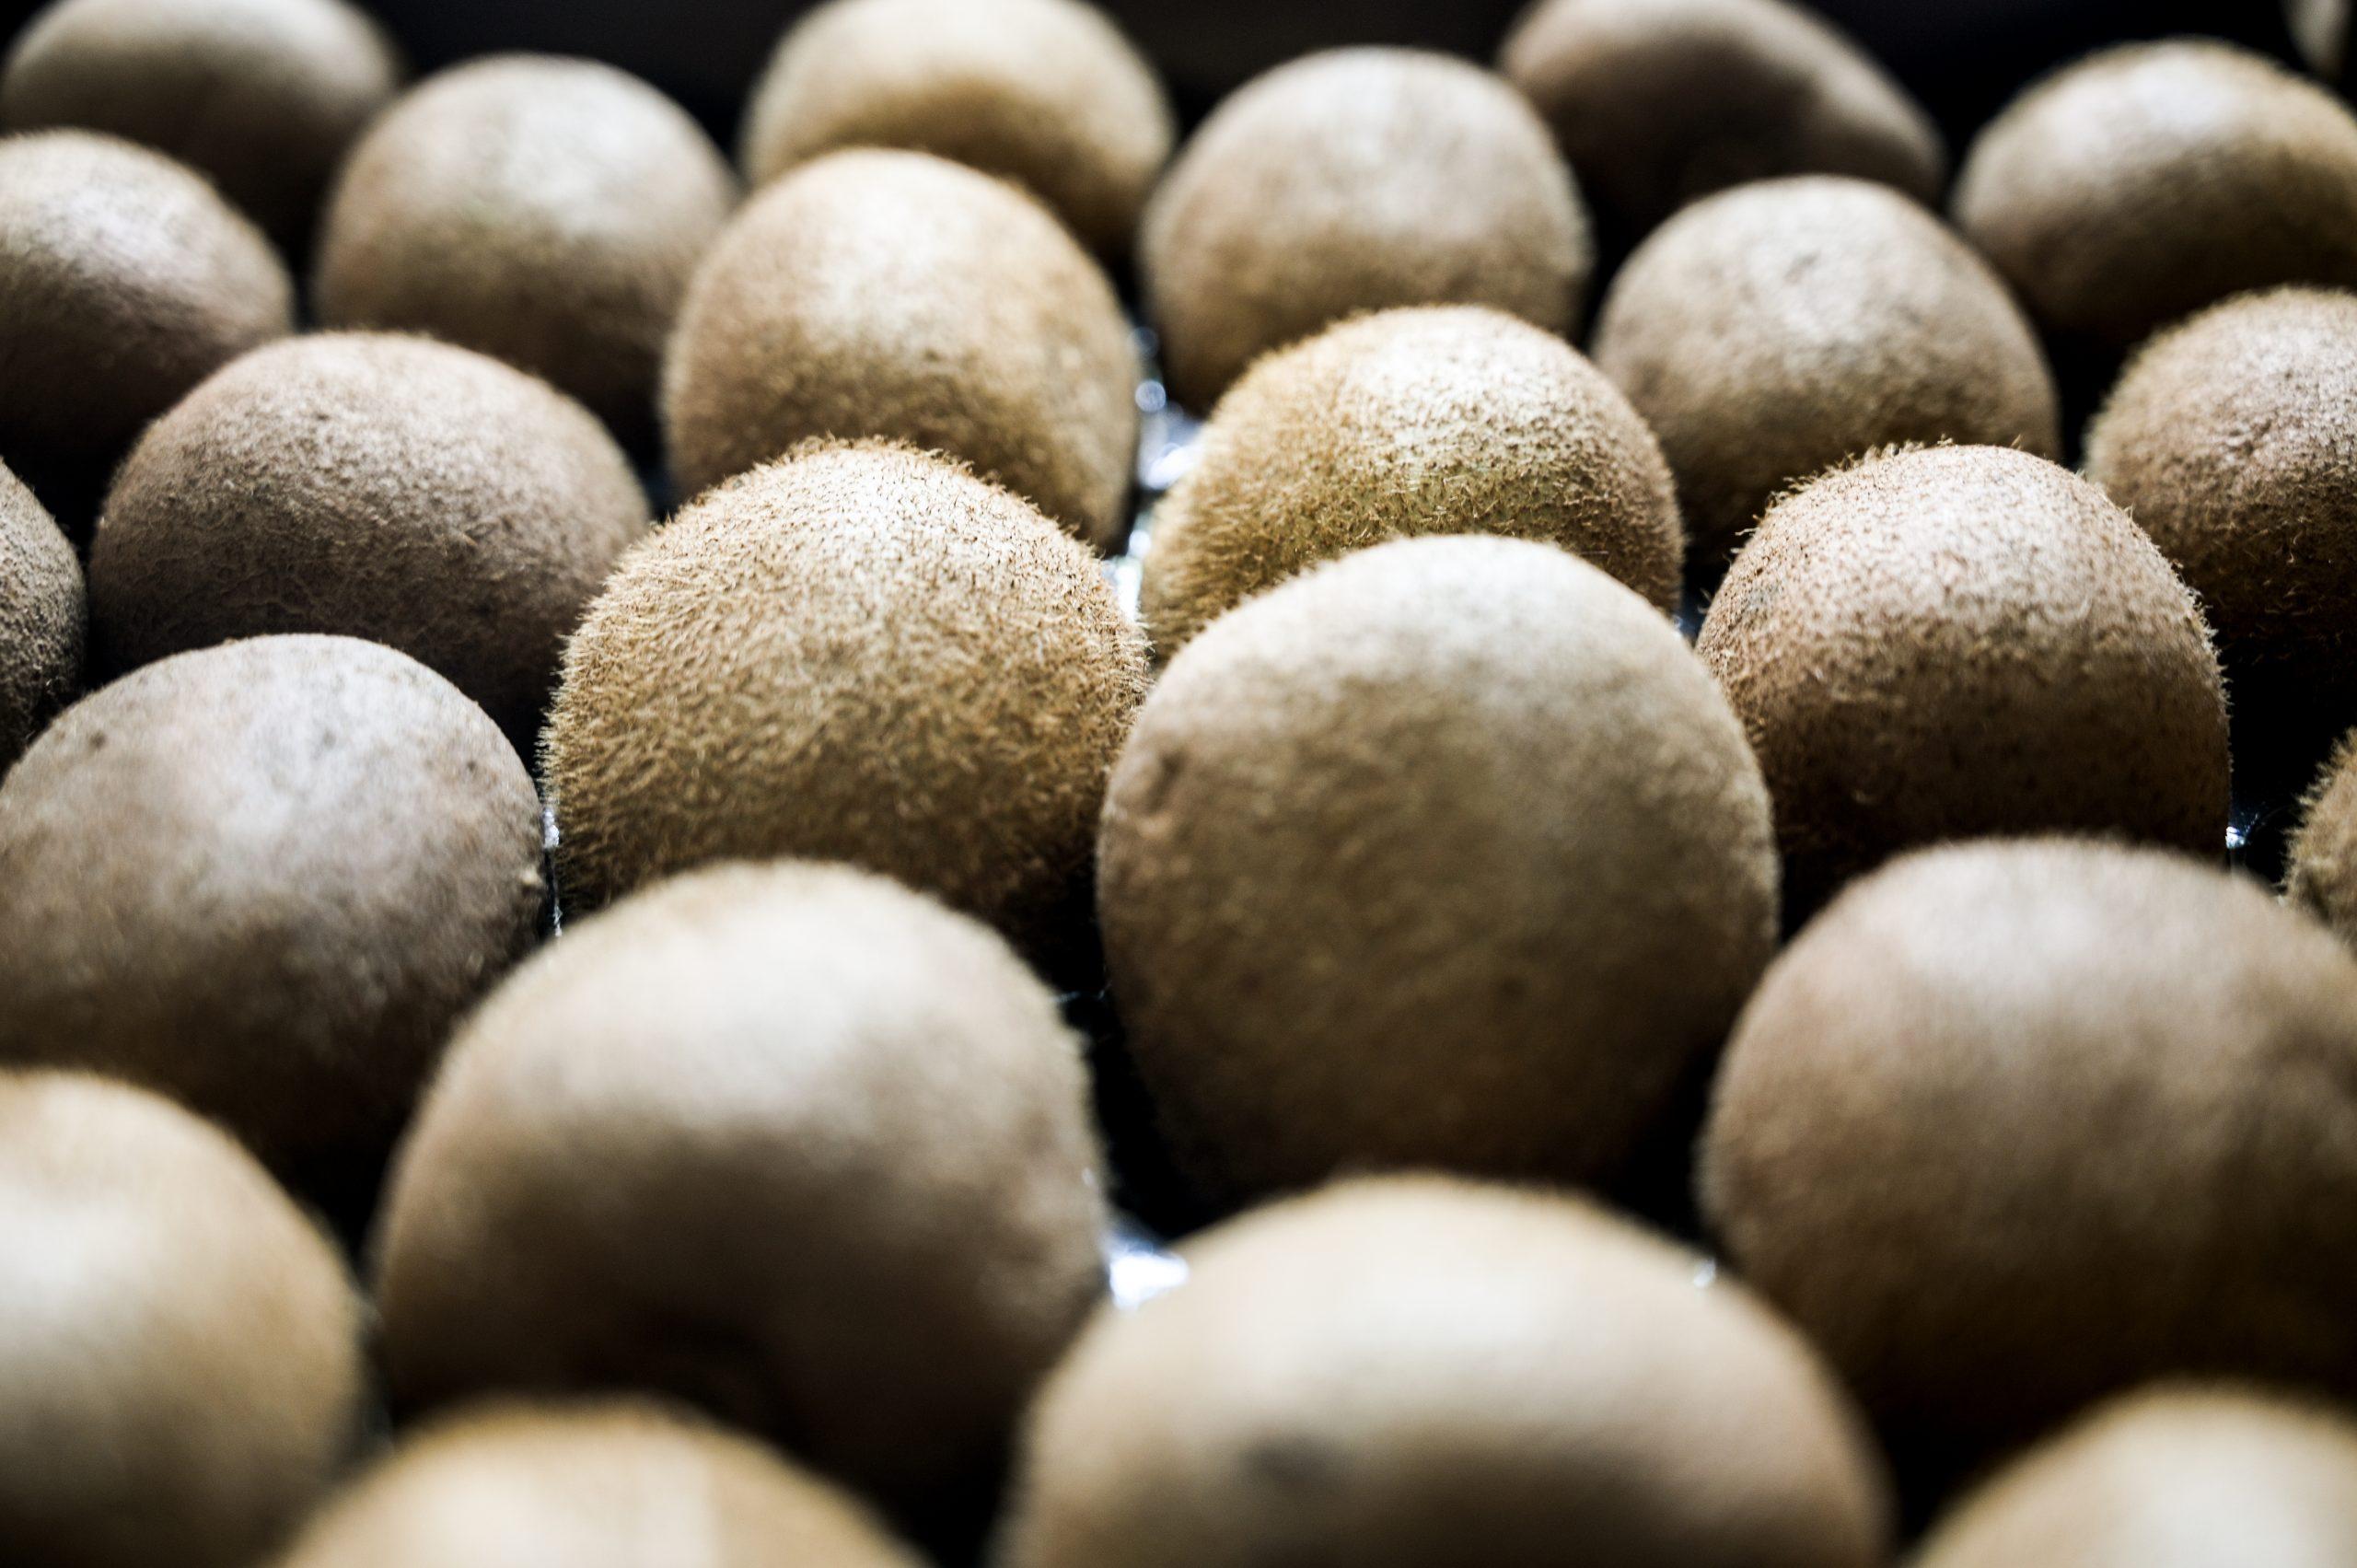 A pile of fresh kiwi